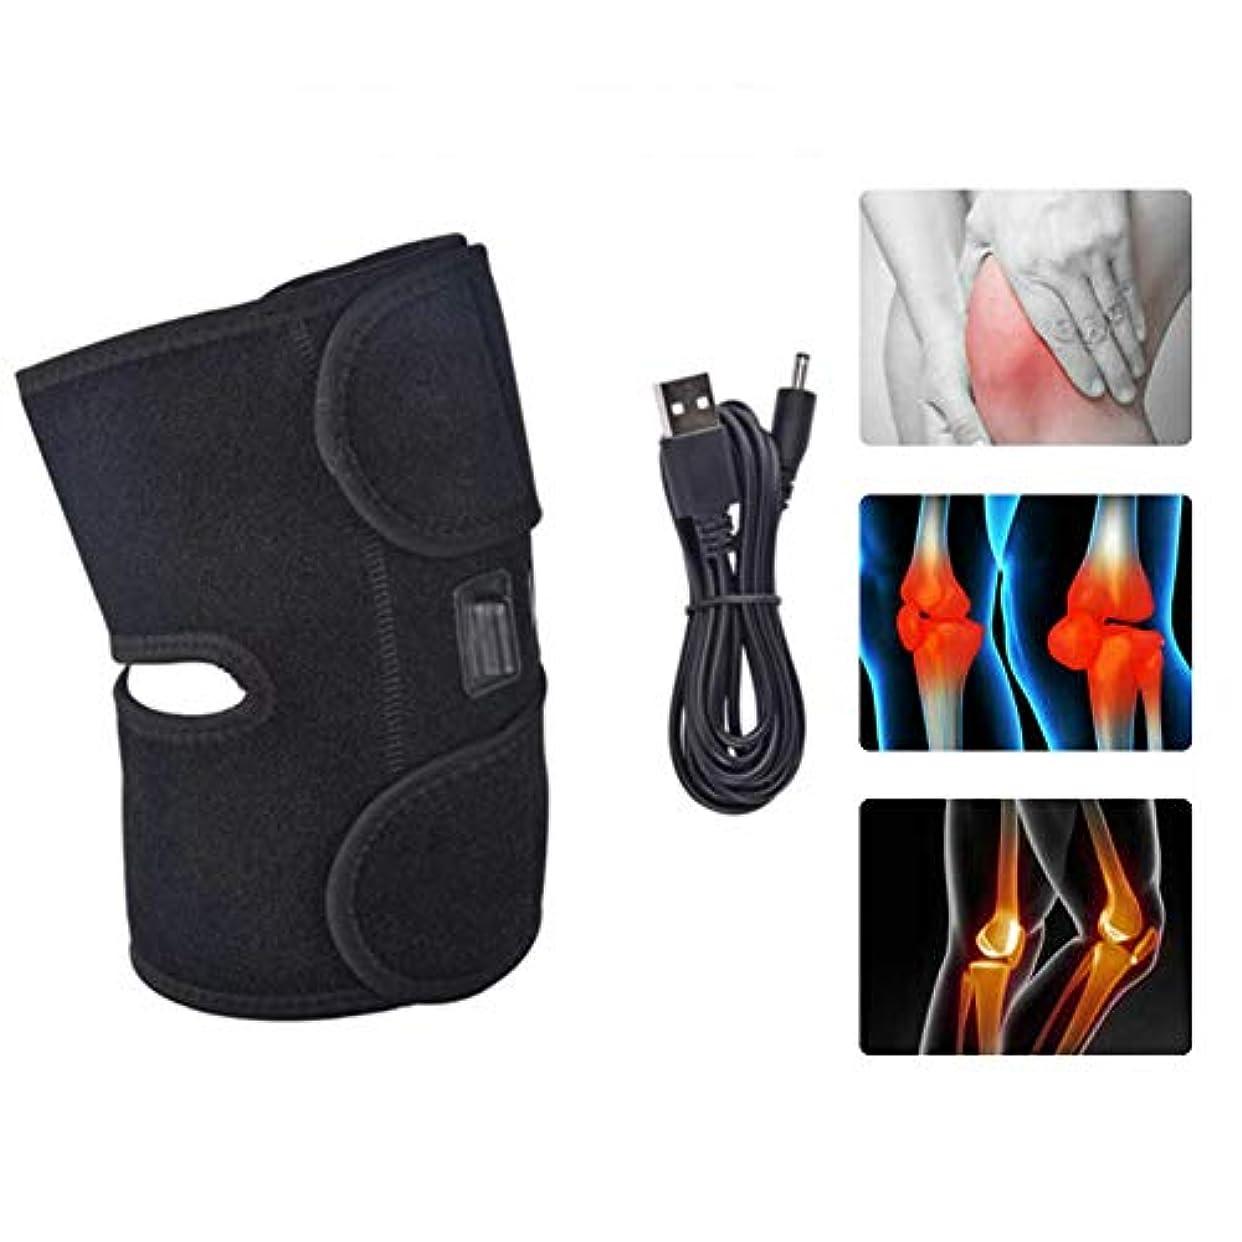 文明化再編成する同様に膝の怪我のための3つのファイル温度療法の熱い圧縮の熱くするパッド膝の暖かいラップが付いている電気暖房の膝支柱,2pcs